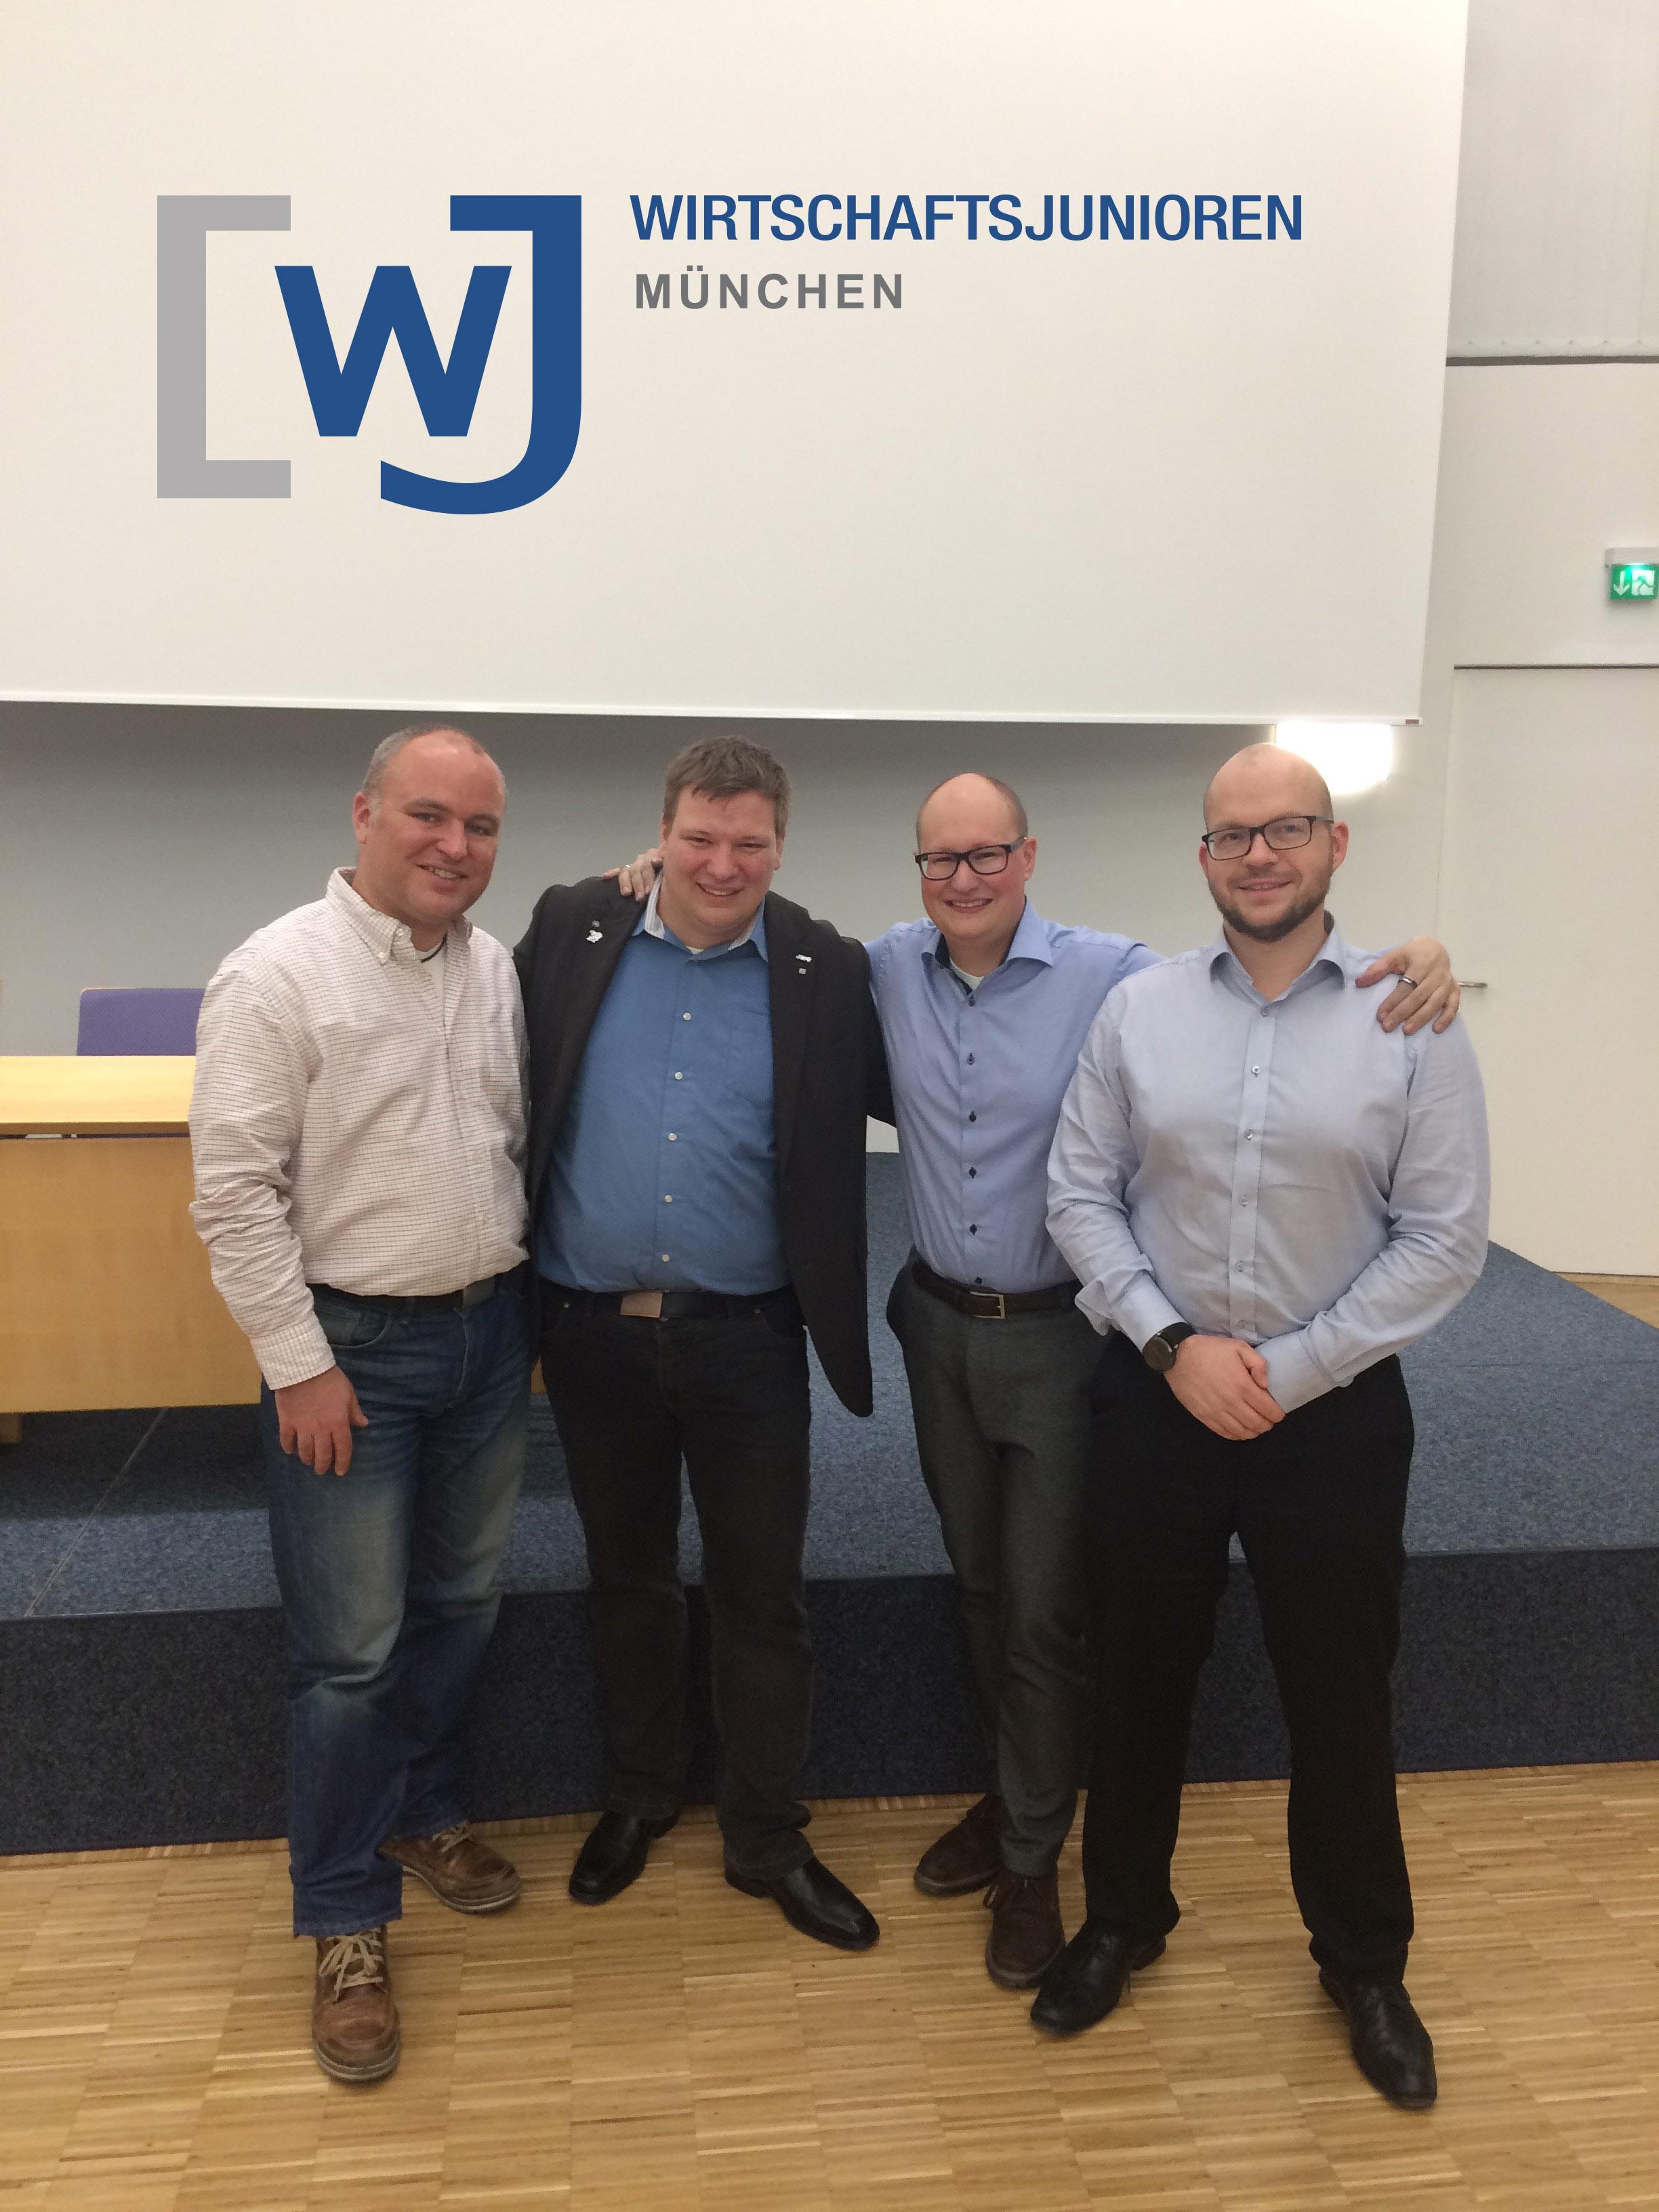 WJ München Vorstandsteam 2017